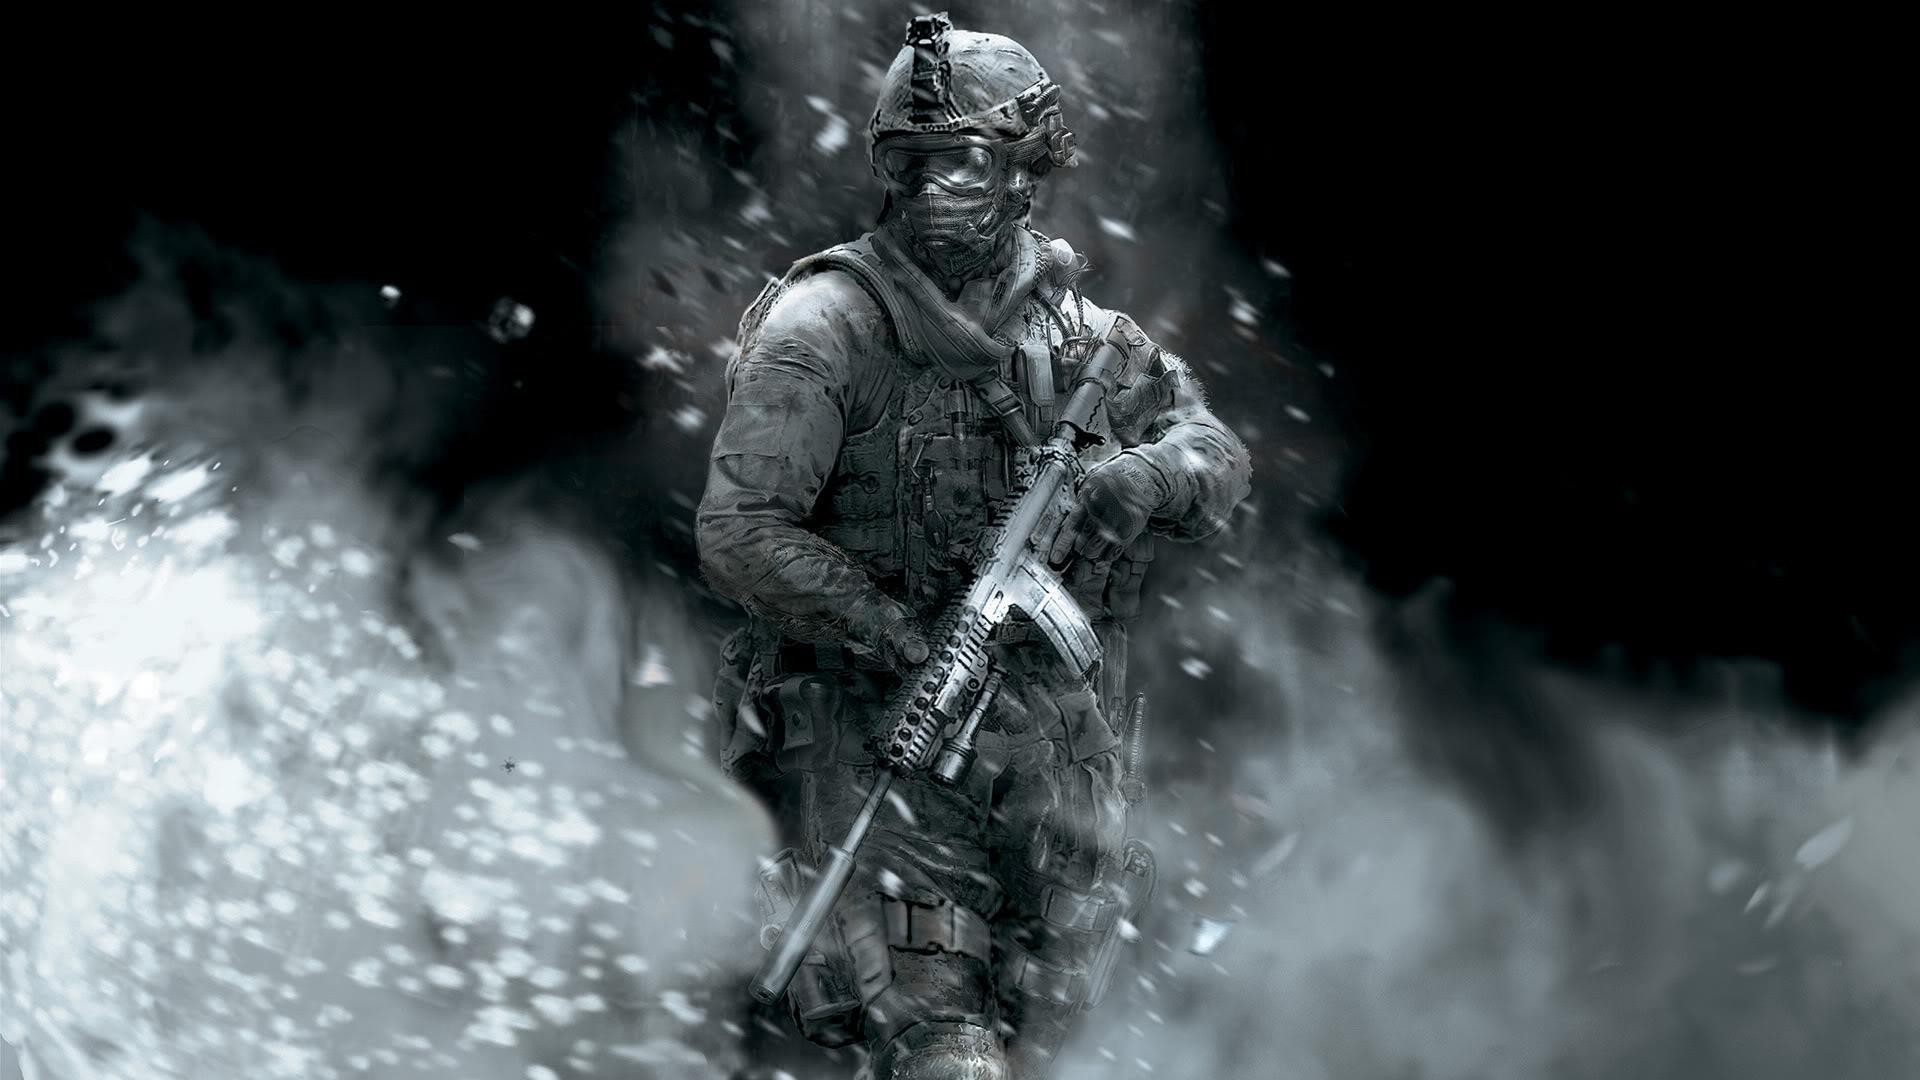 les-soldats-du-futur-la-guerre-aujourdhui-ou-demain_inquietude_01